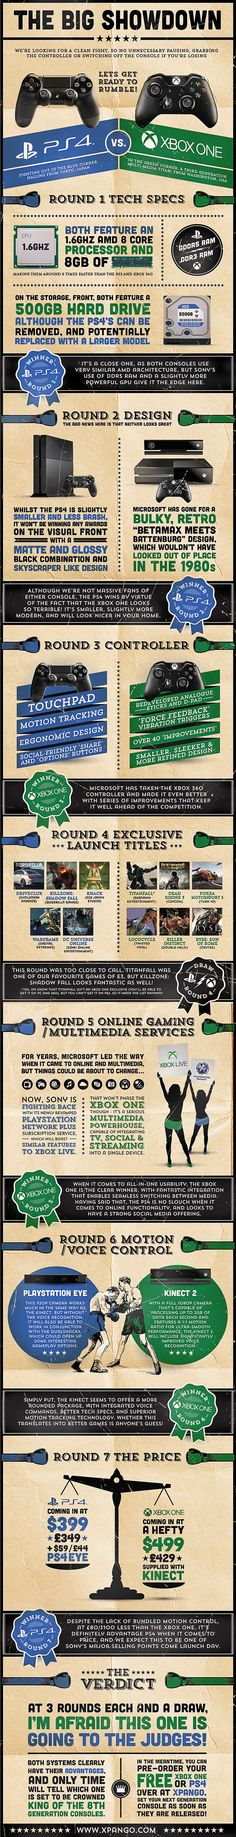 Sony und Microsoft im Showdown der Spielkonsolen: Playstation 4 gegen Xbox One #Infographic